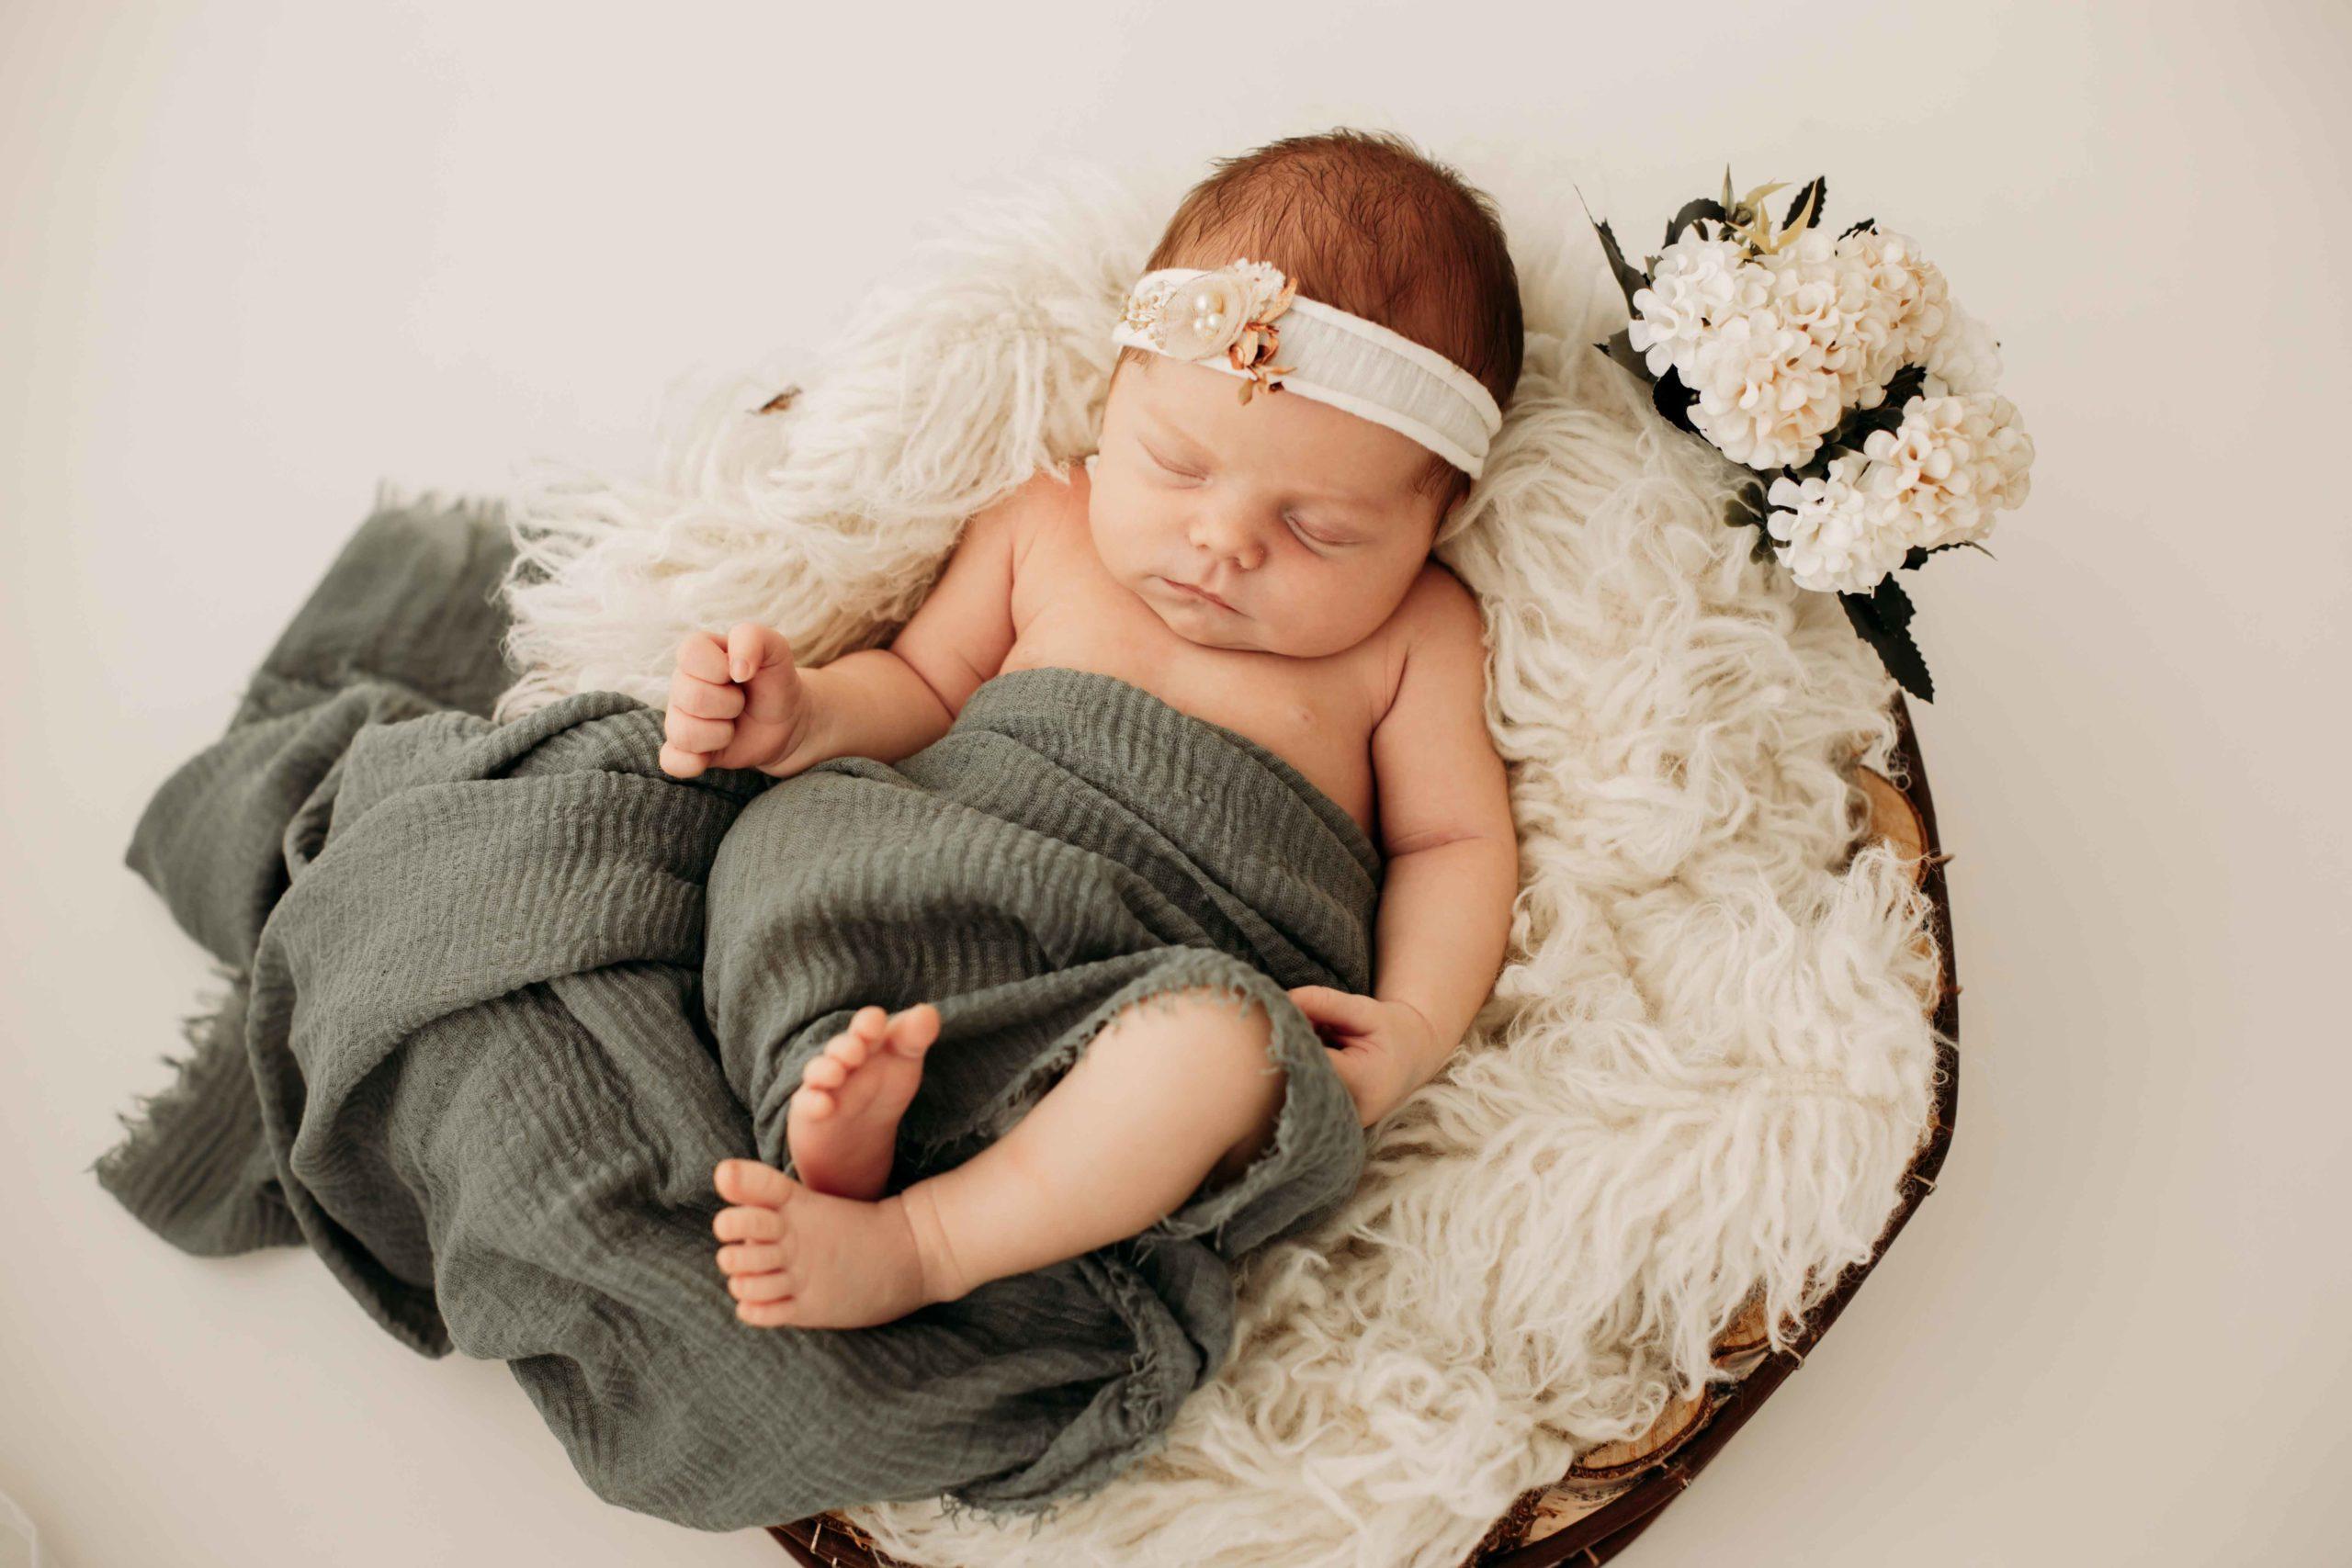 Neugeborenes, Babyshooting, Entbindung, Krankenhaus Fotograf, Familienfotografin, Fotostudio, Kreissaal Aurich, Emden, Leer